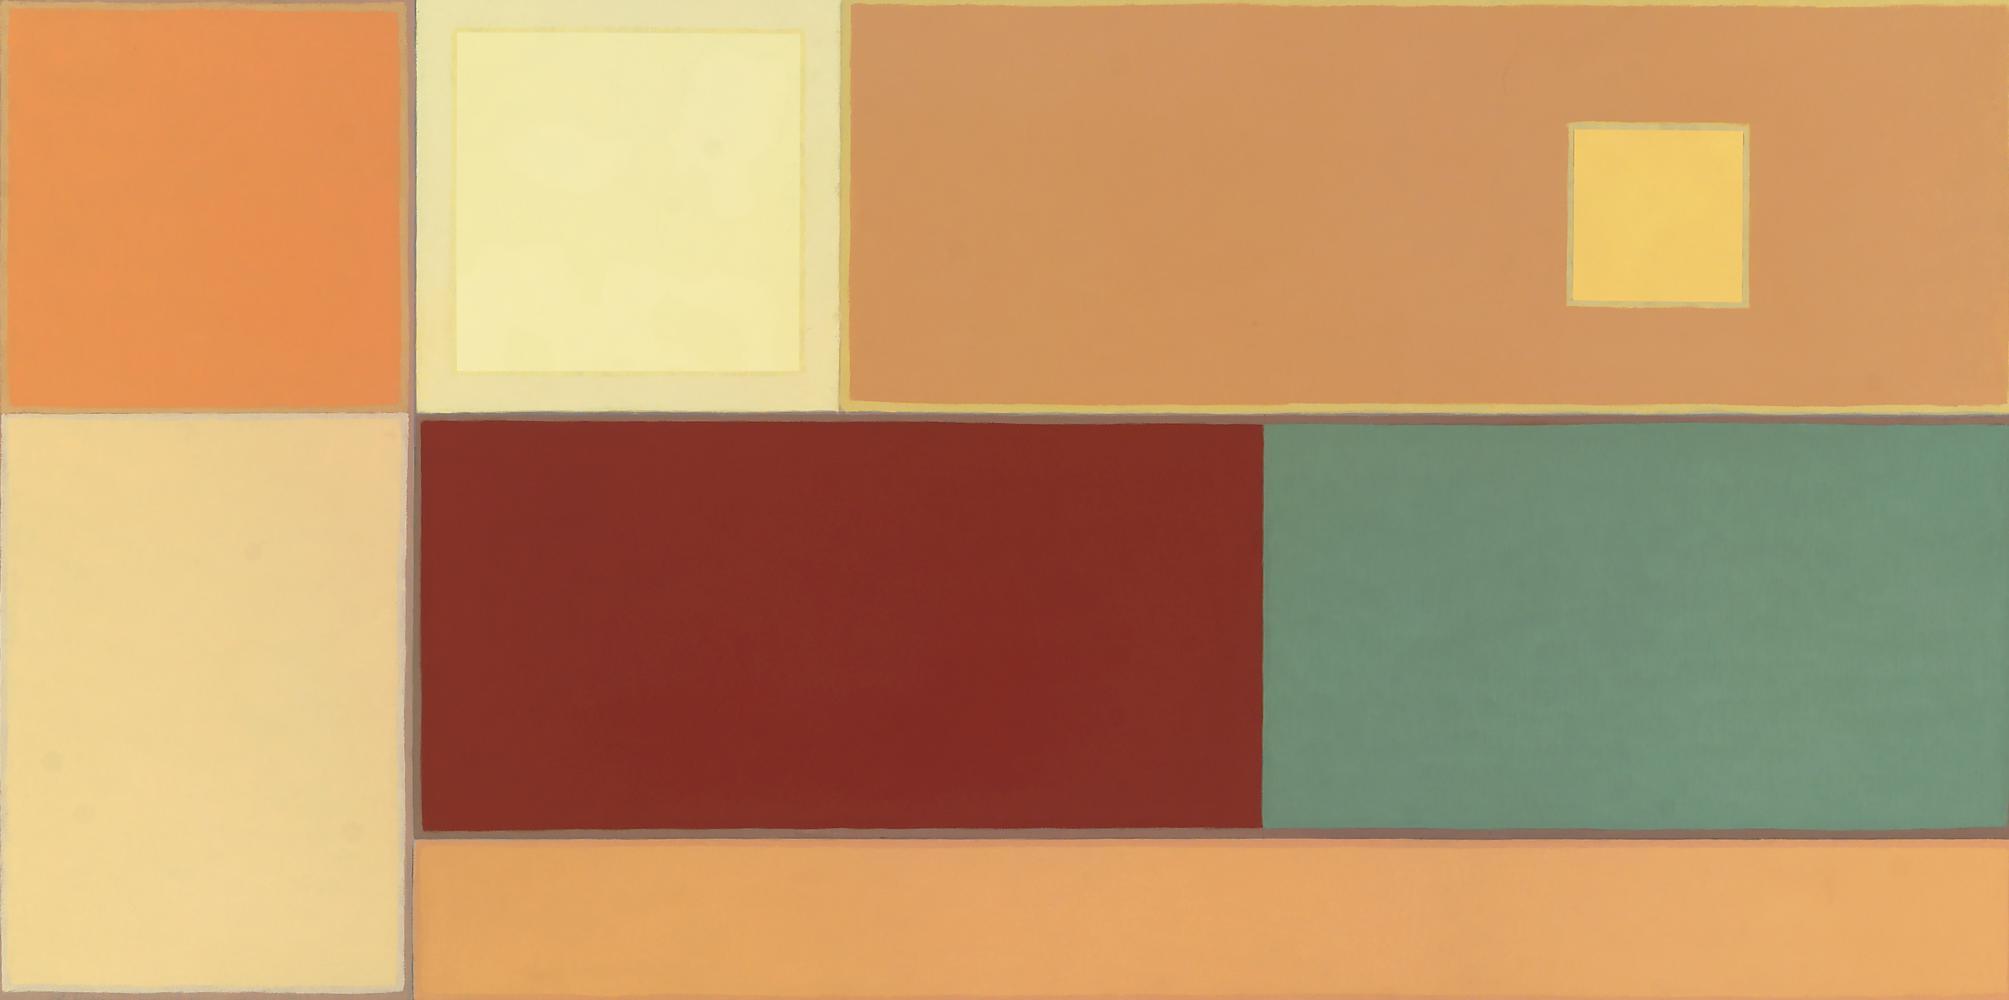 Sin título, 60 x 120 cm,  cm, óleo lienzo, 2010.